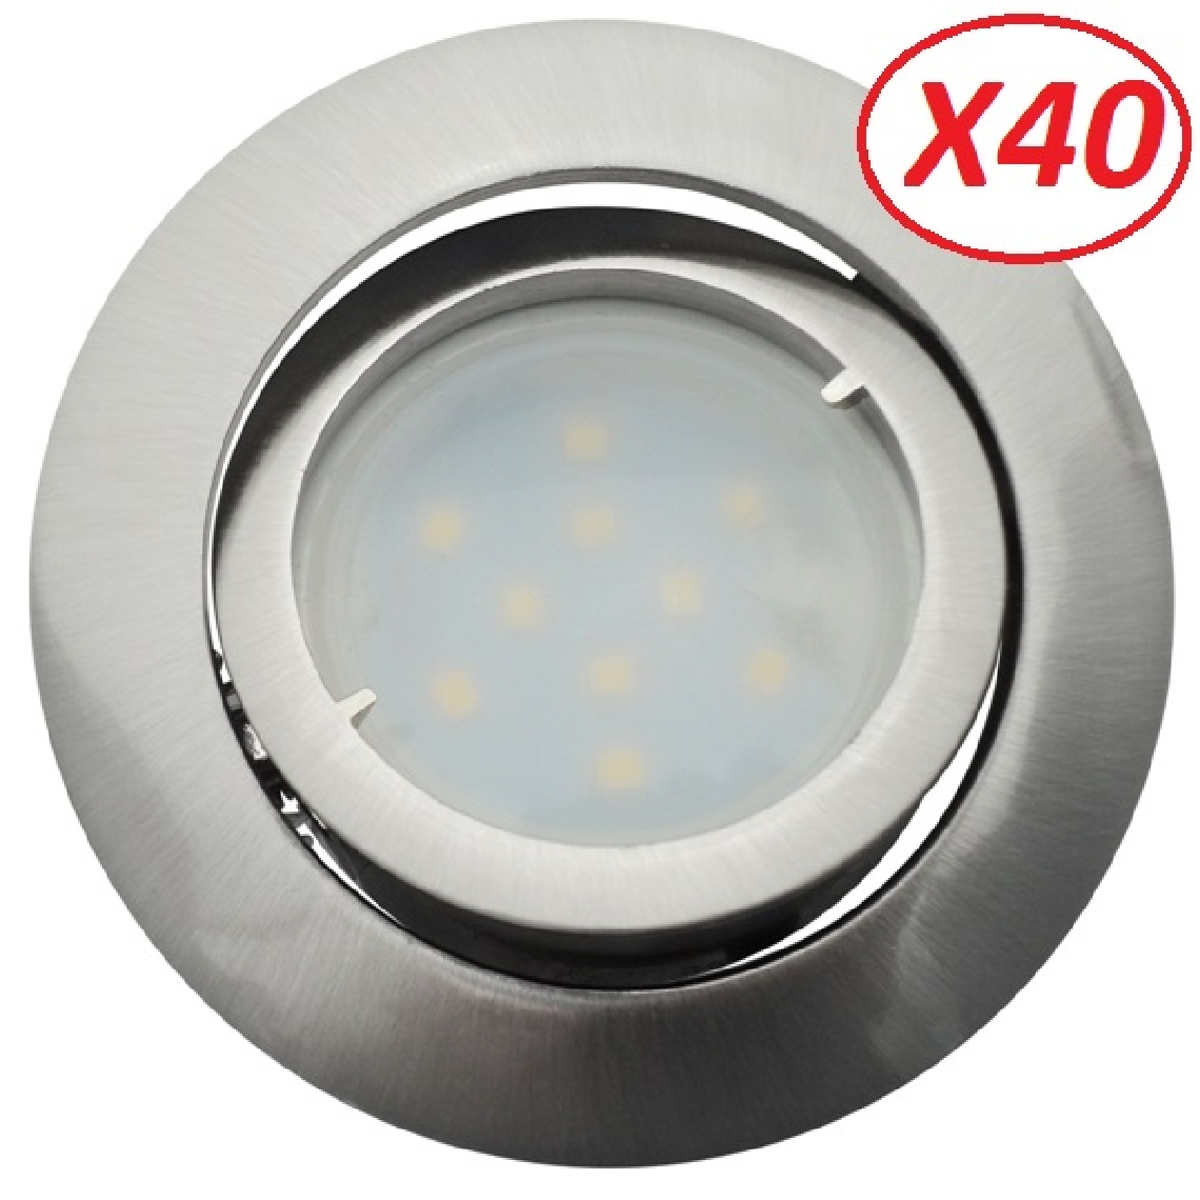 Eurobryte Lot de 40 Spot Led Encastrable Complete Satin Orientable lumière Blanc Chaud eq. 50W ref.209